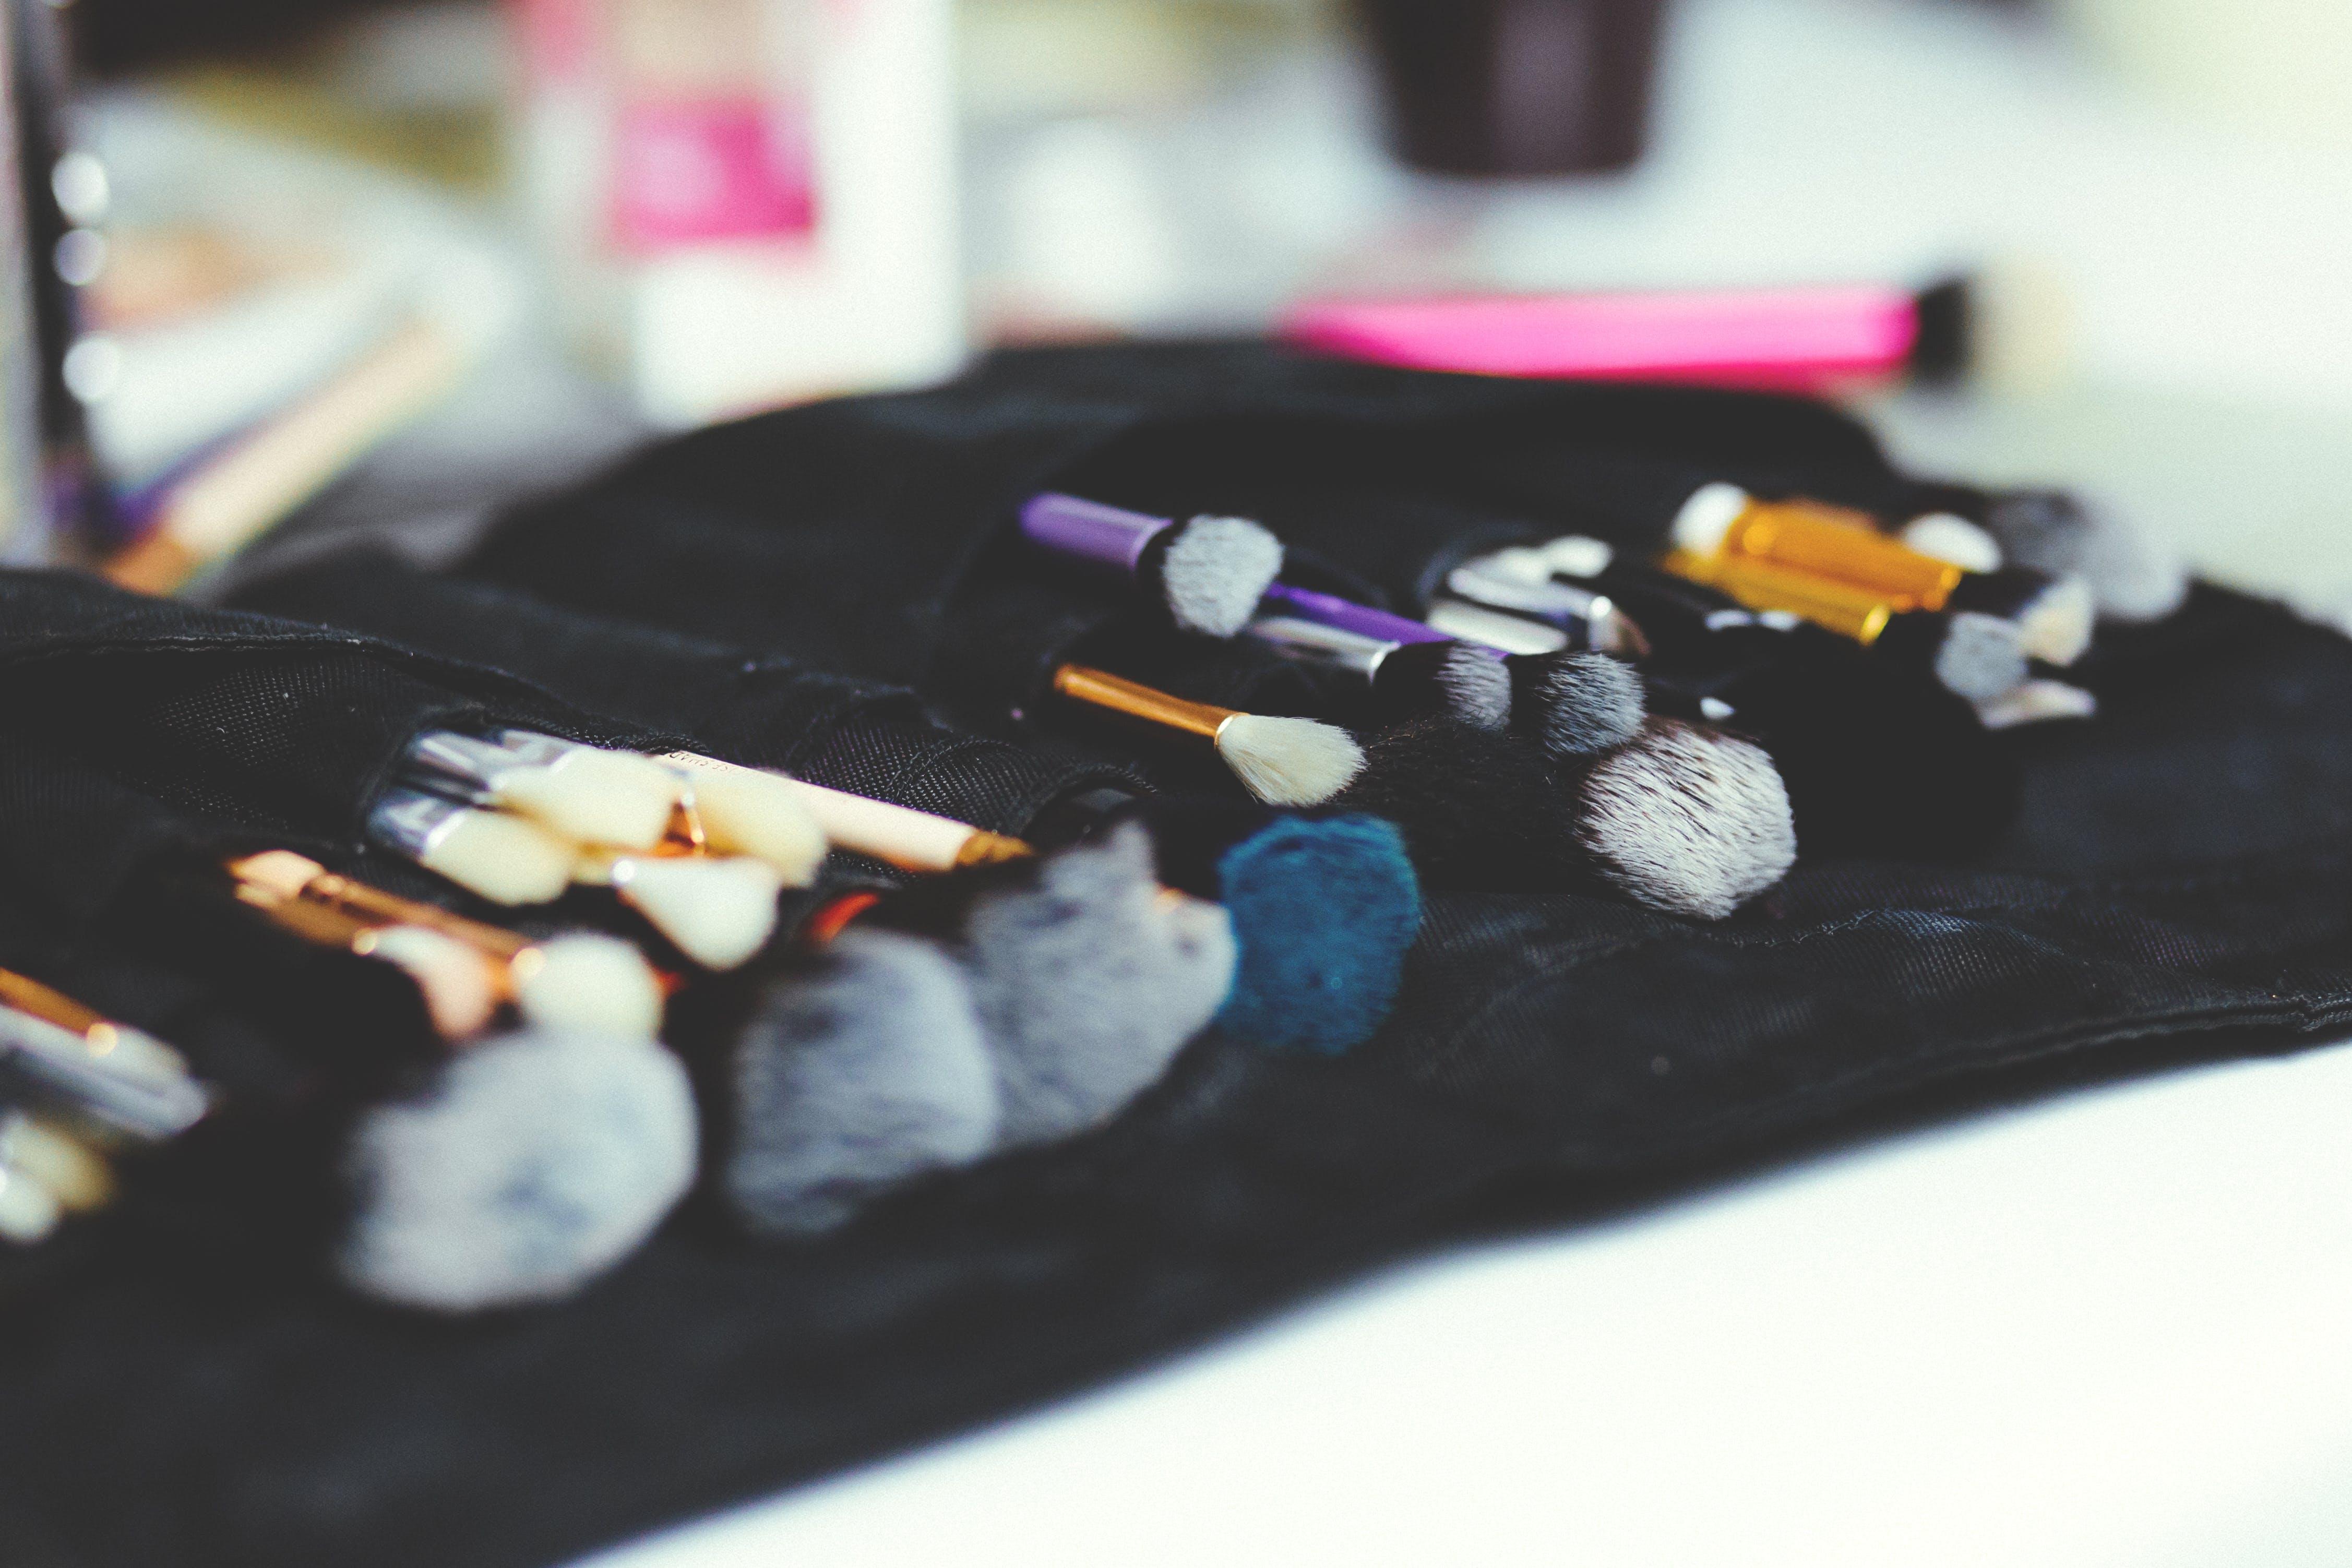 Assorted-color Makeup Brush Set on Black Organizer